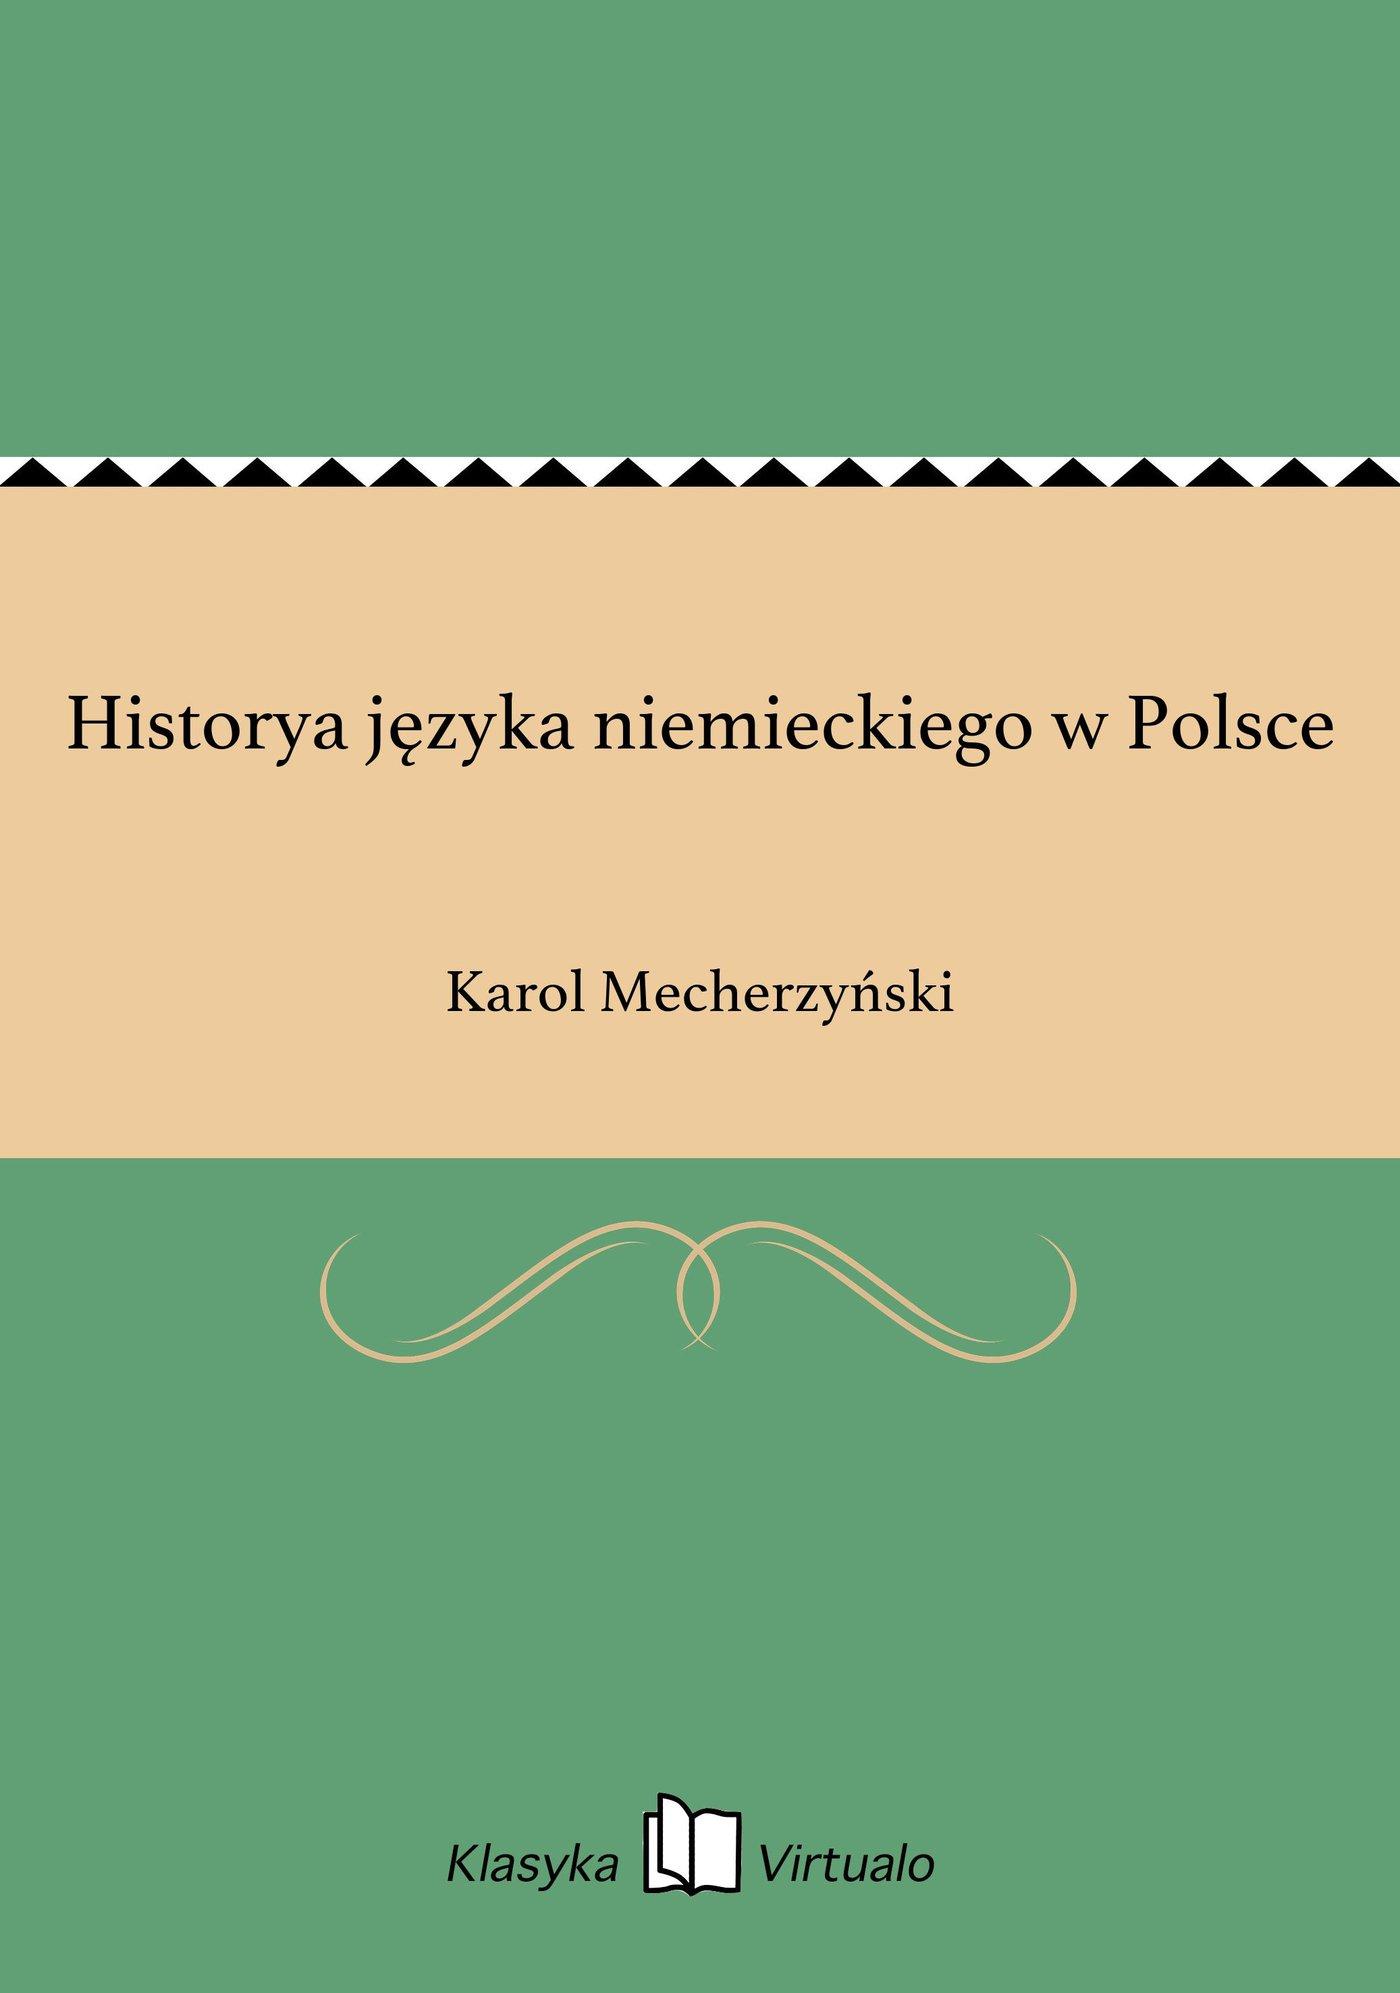 Historya języka niemieckiego w Polsce - Ebook (Książka na Kindle) do pobrania w formacie MOBI